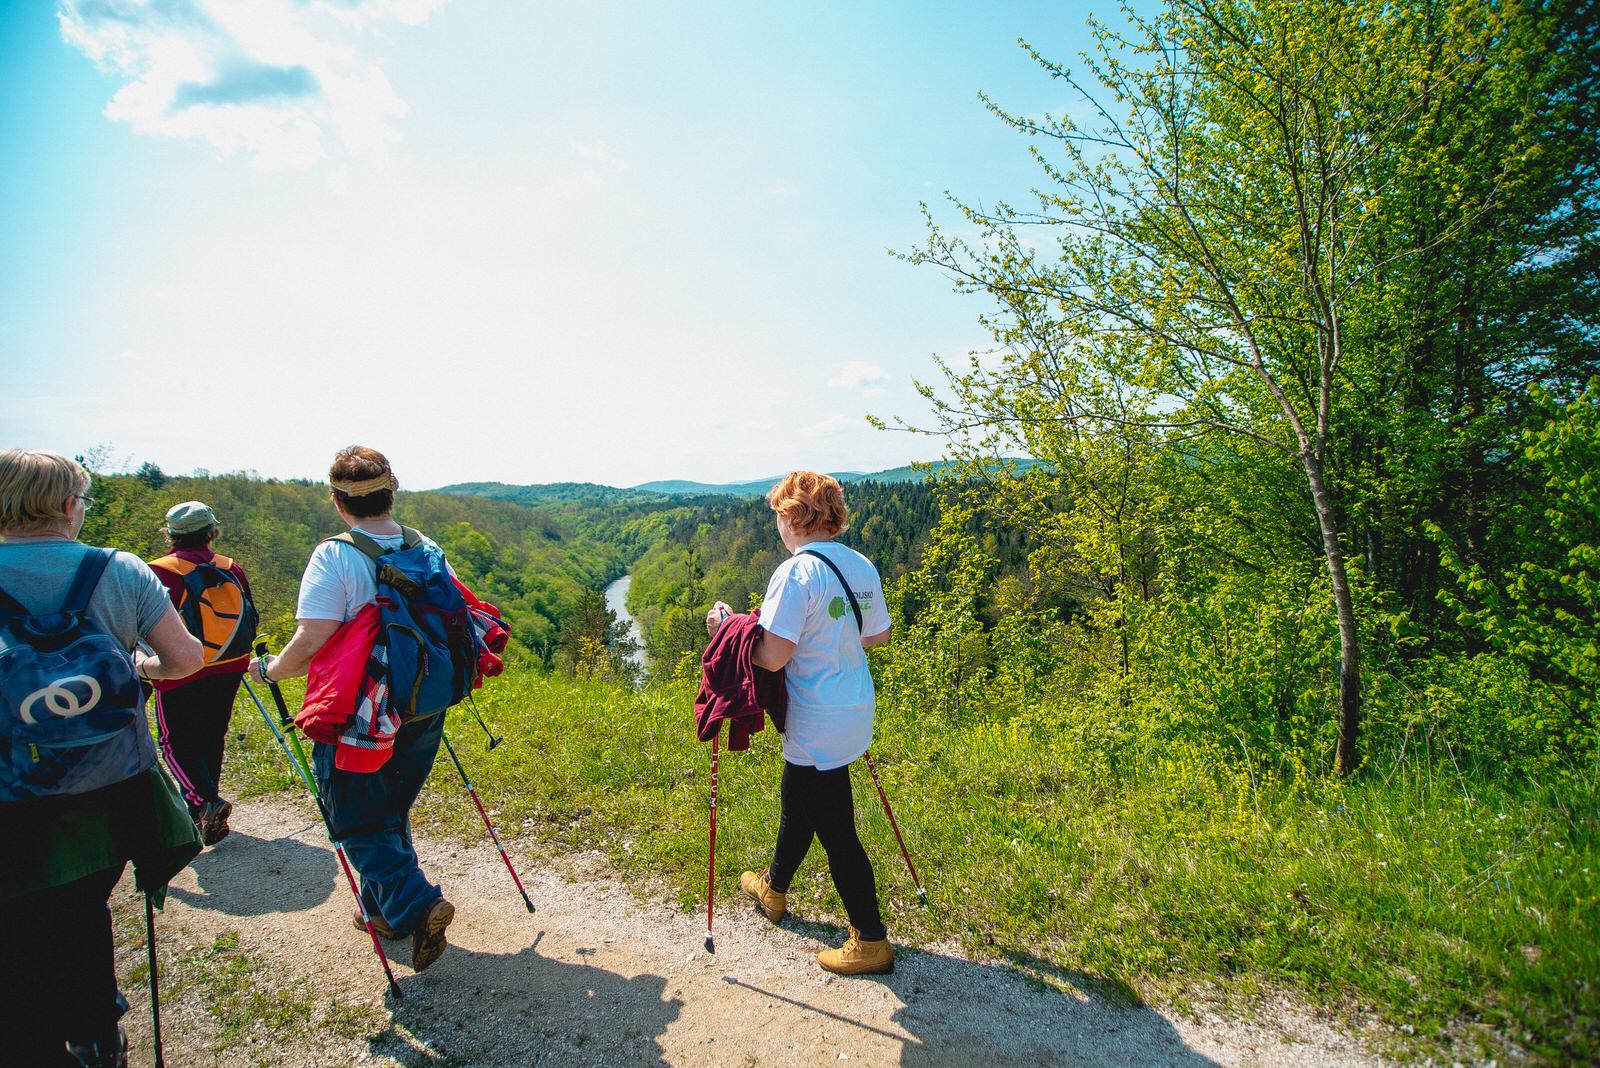 likaclub_slunj_rastoke_5-festival-nordijskog-hodanja_2019-79